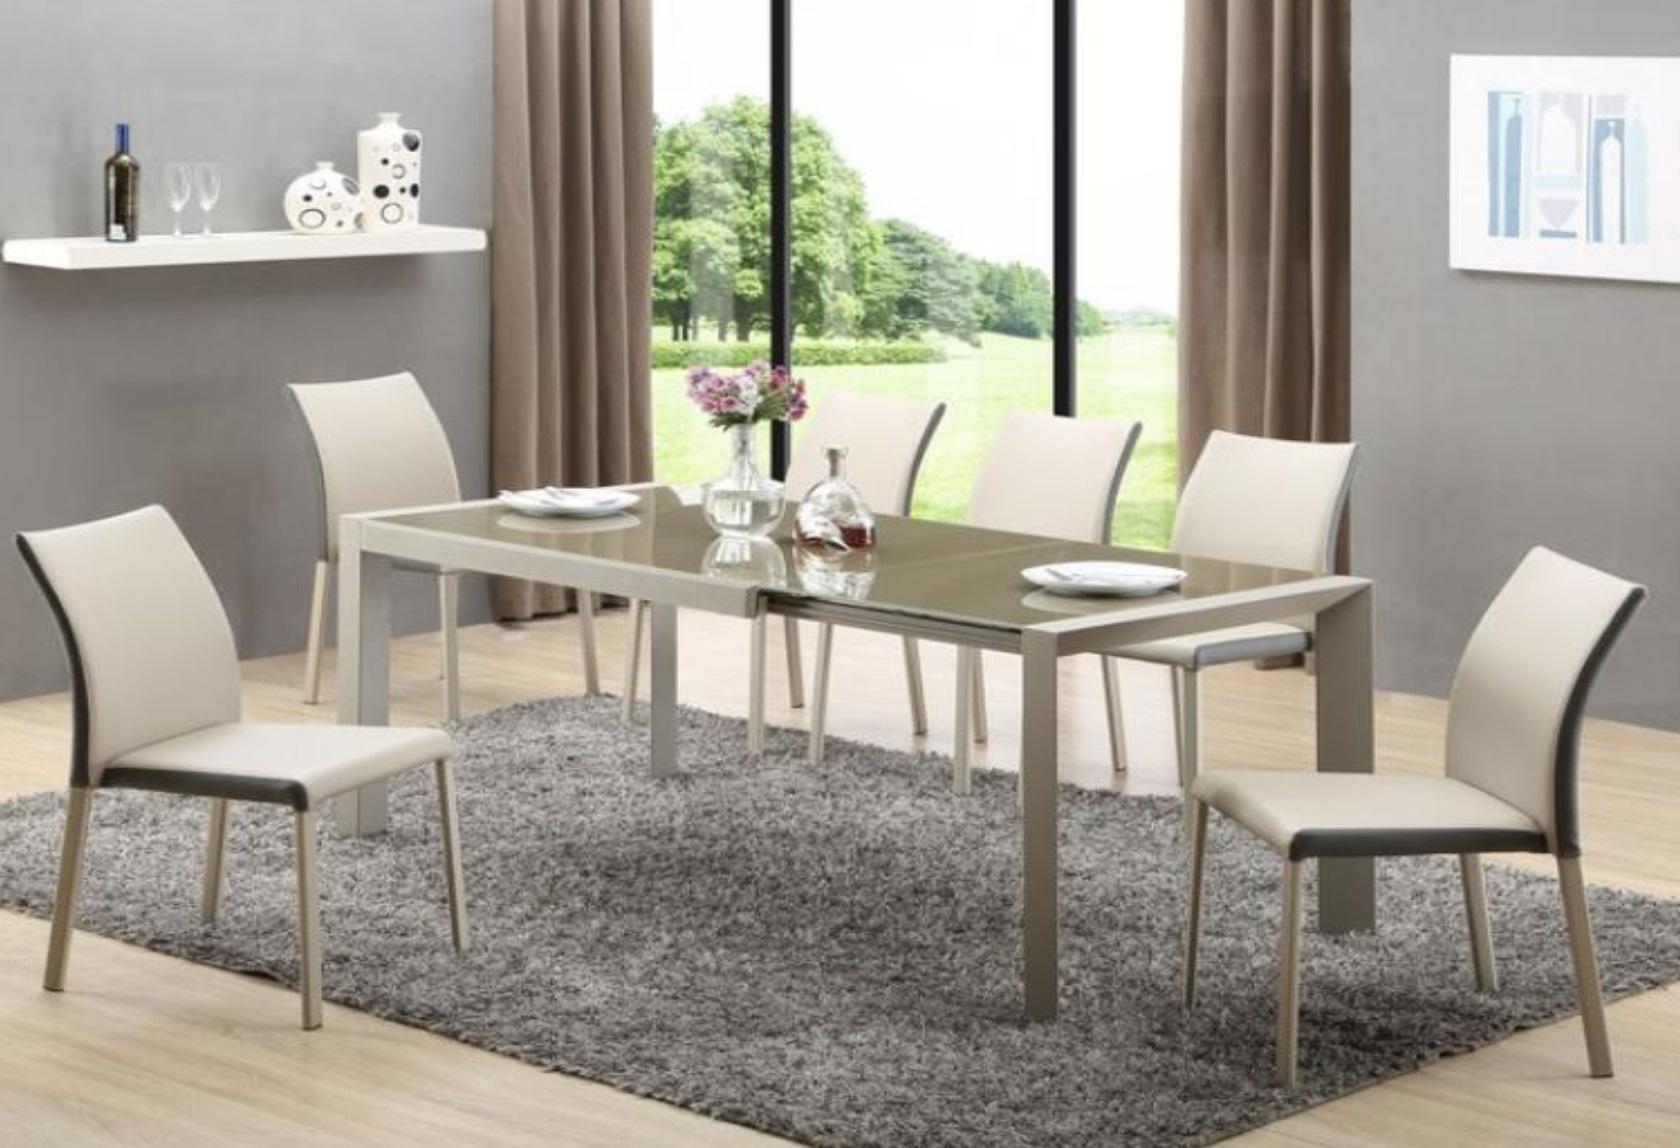 Bardzo dobra Stół szklany Emilio, stół połysk, nowoczesny stół do jadalni, stół, FY96